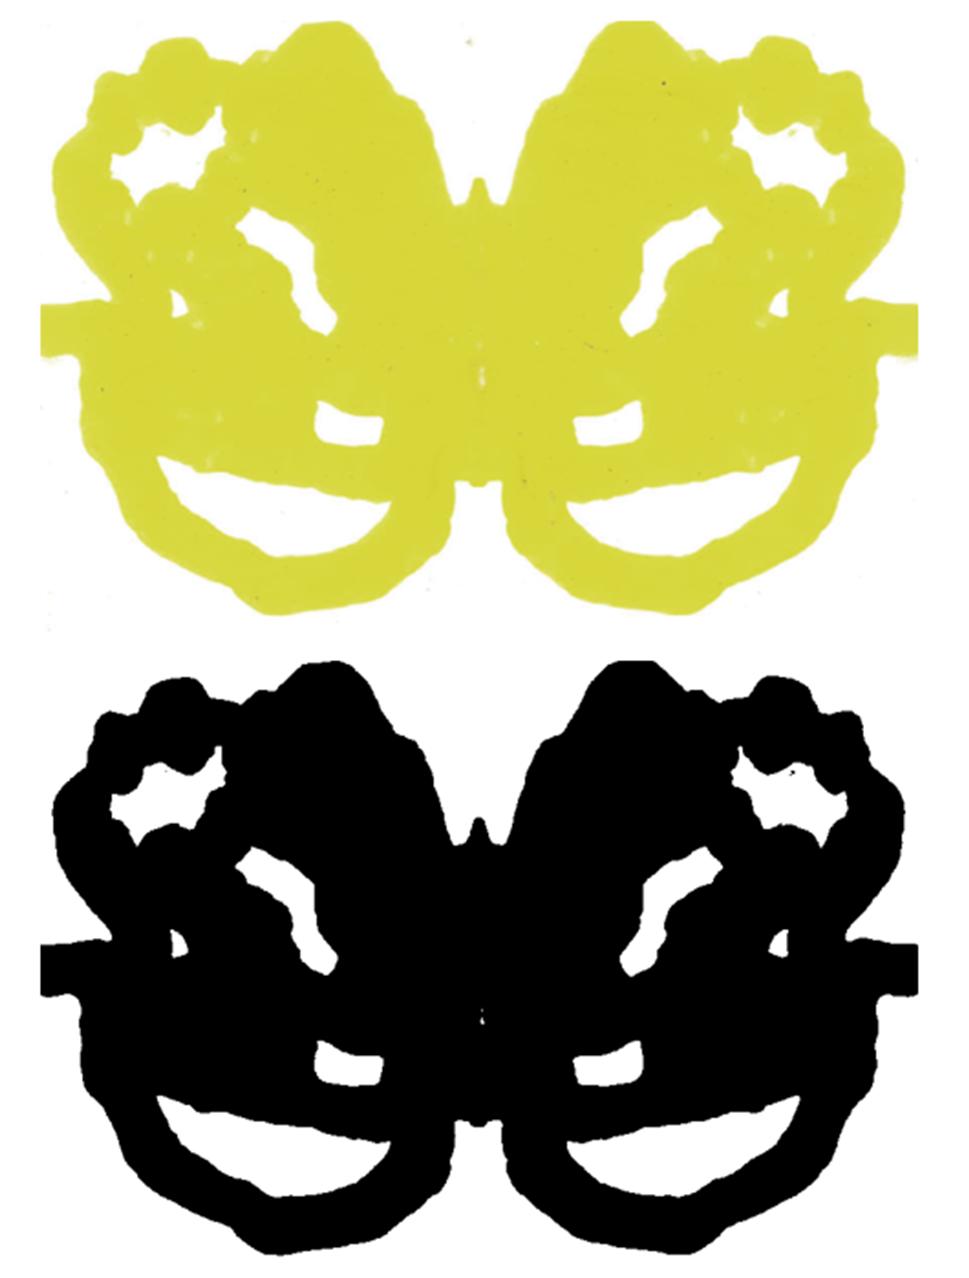 Rorschach inkblot test 16